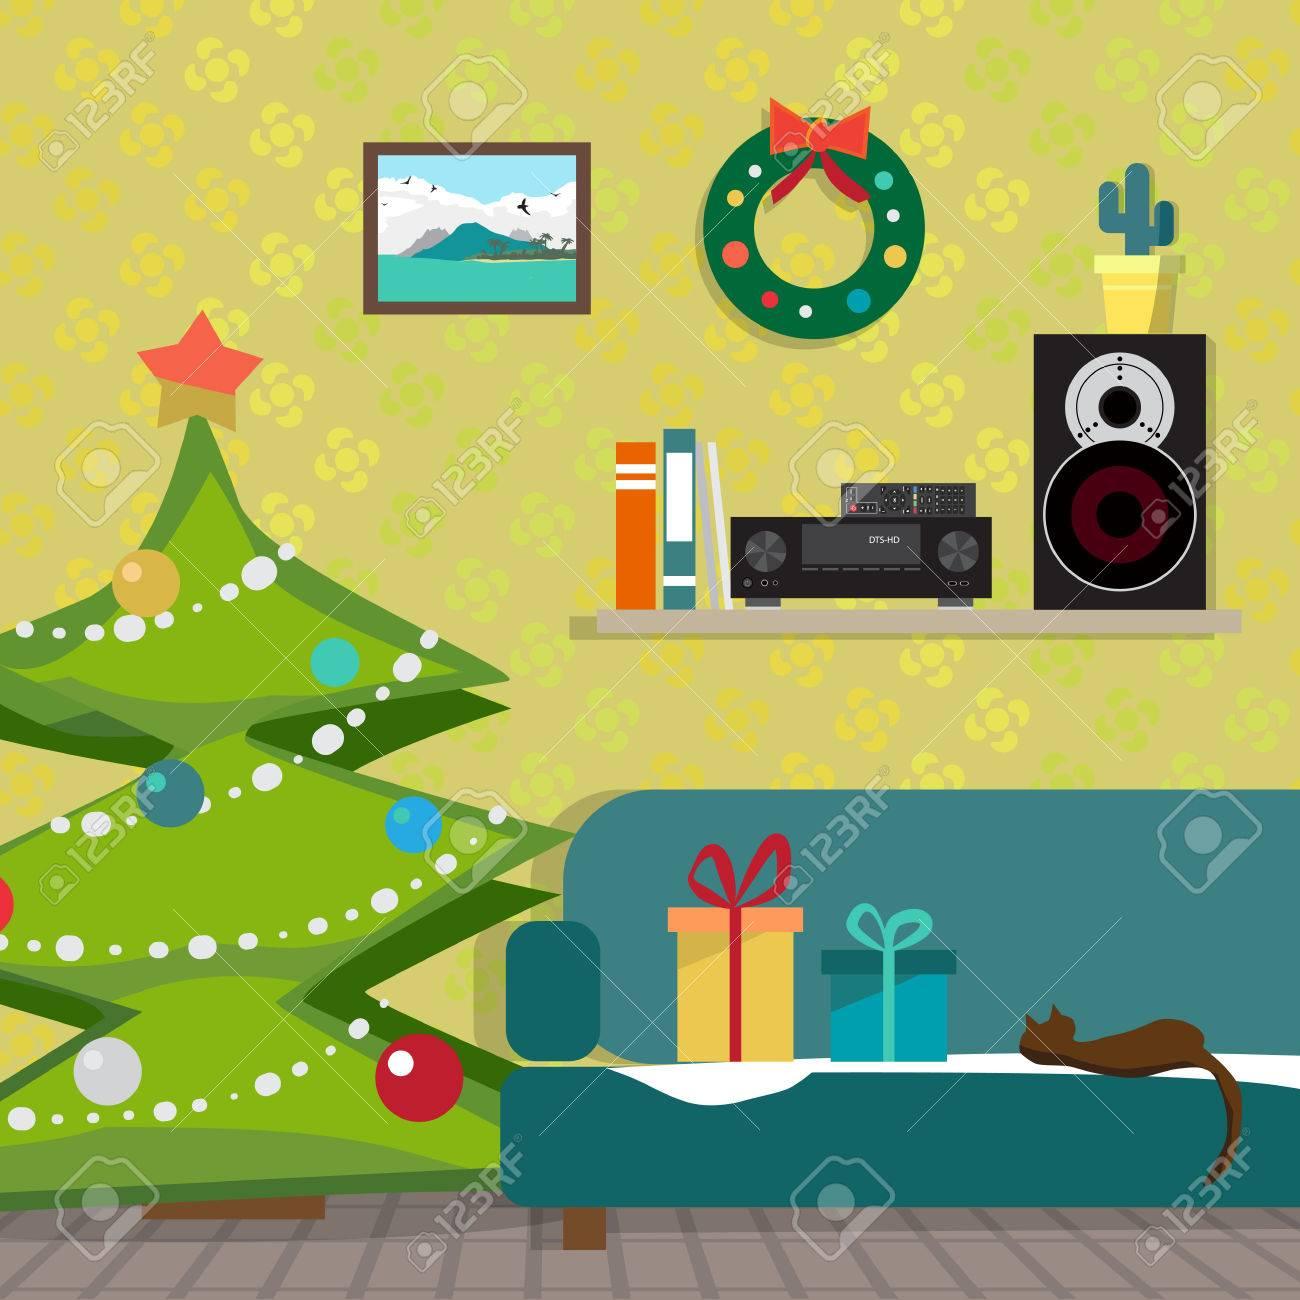 https://previews.123rf.com/images/darkink/darkink1610/darkink161000060/67298818-weihnachtsraum-interieur-weihnachtsbaum-geschenk-und-dekoration-der-musikempf%C3%A4nger-und-der-lautspreche.jpg